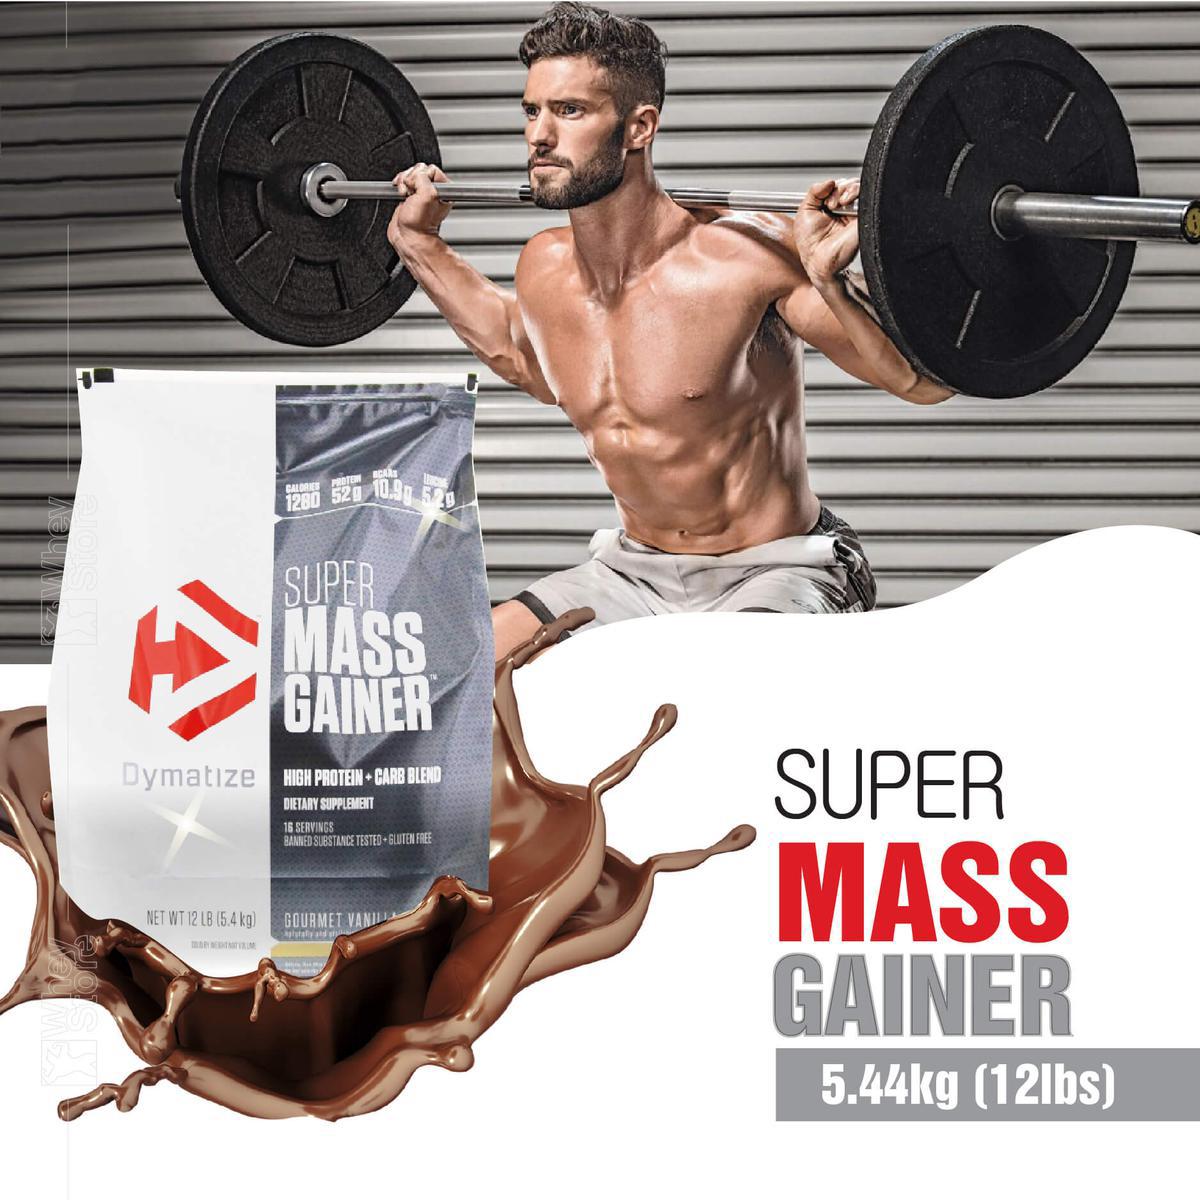 Super Mass Gainer có tốt không?